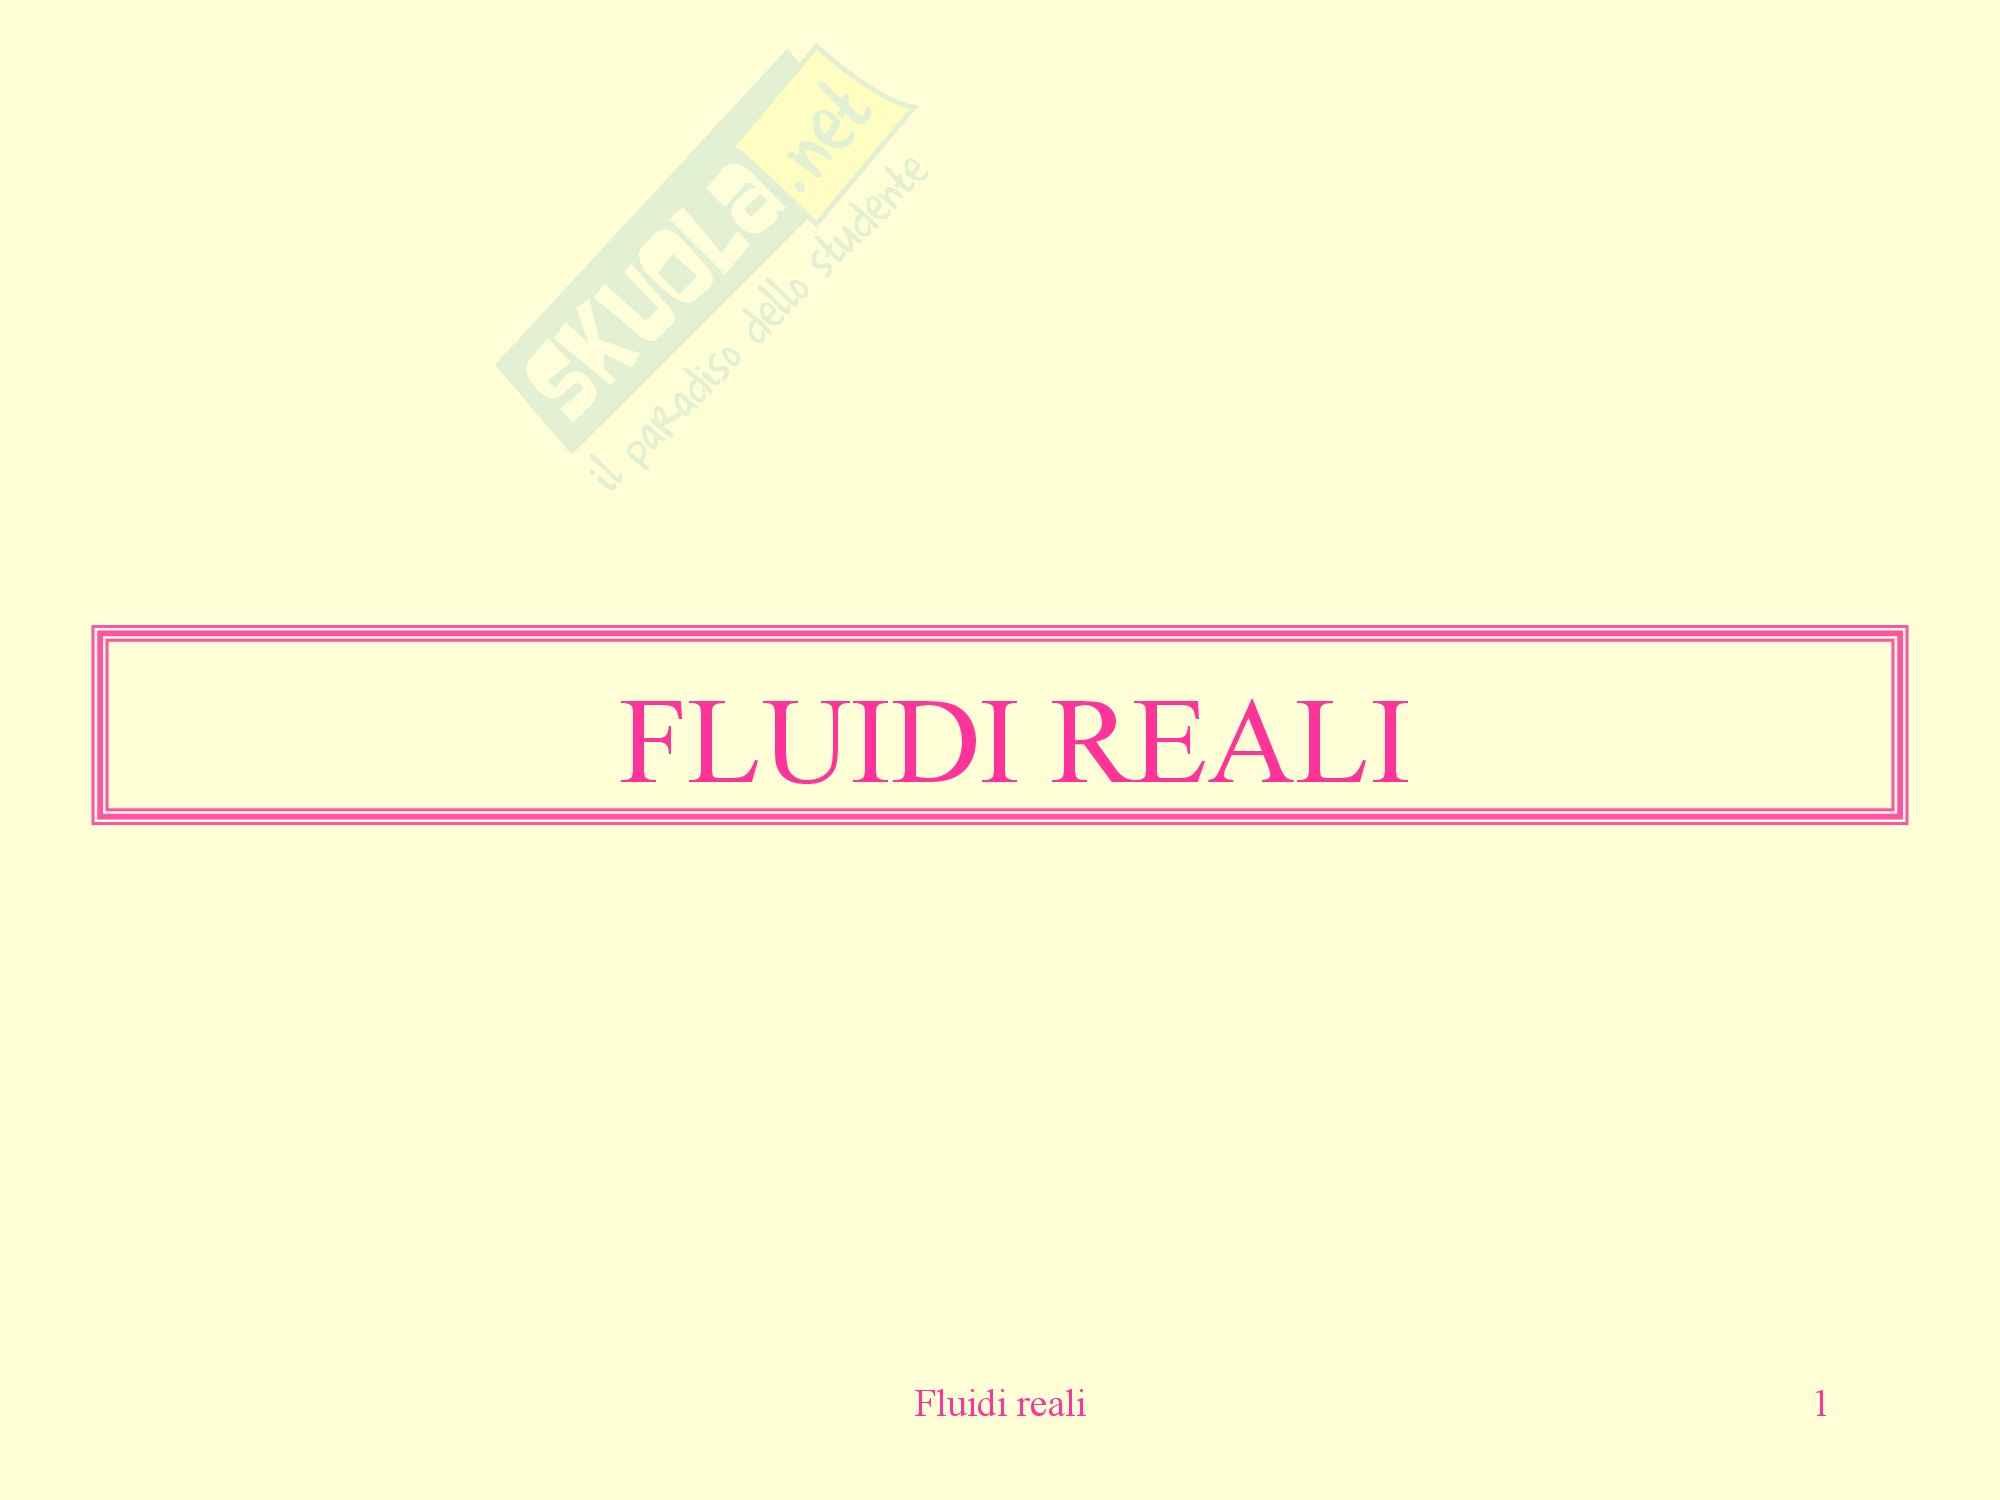 Fisica medica - fluidi reali